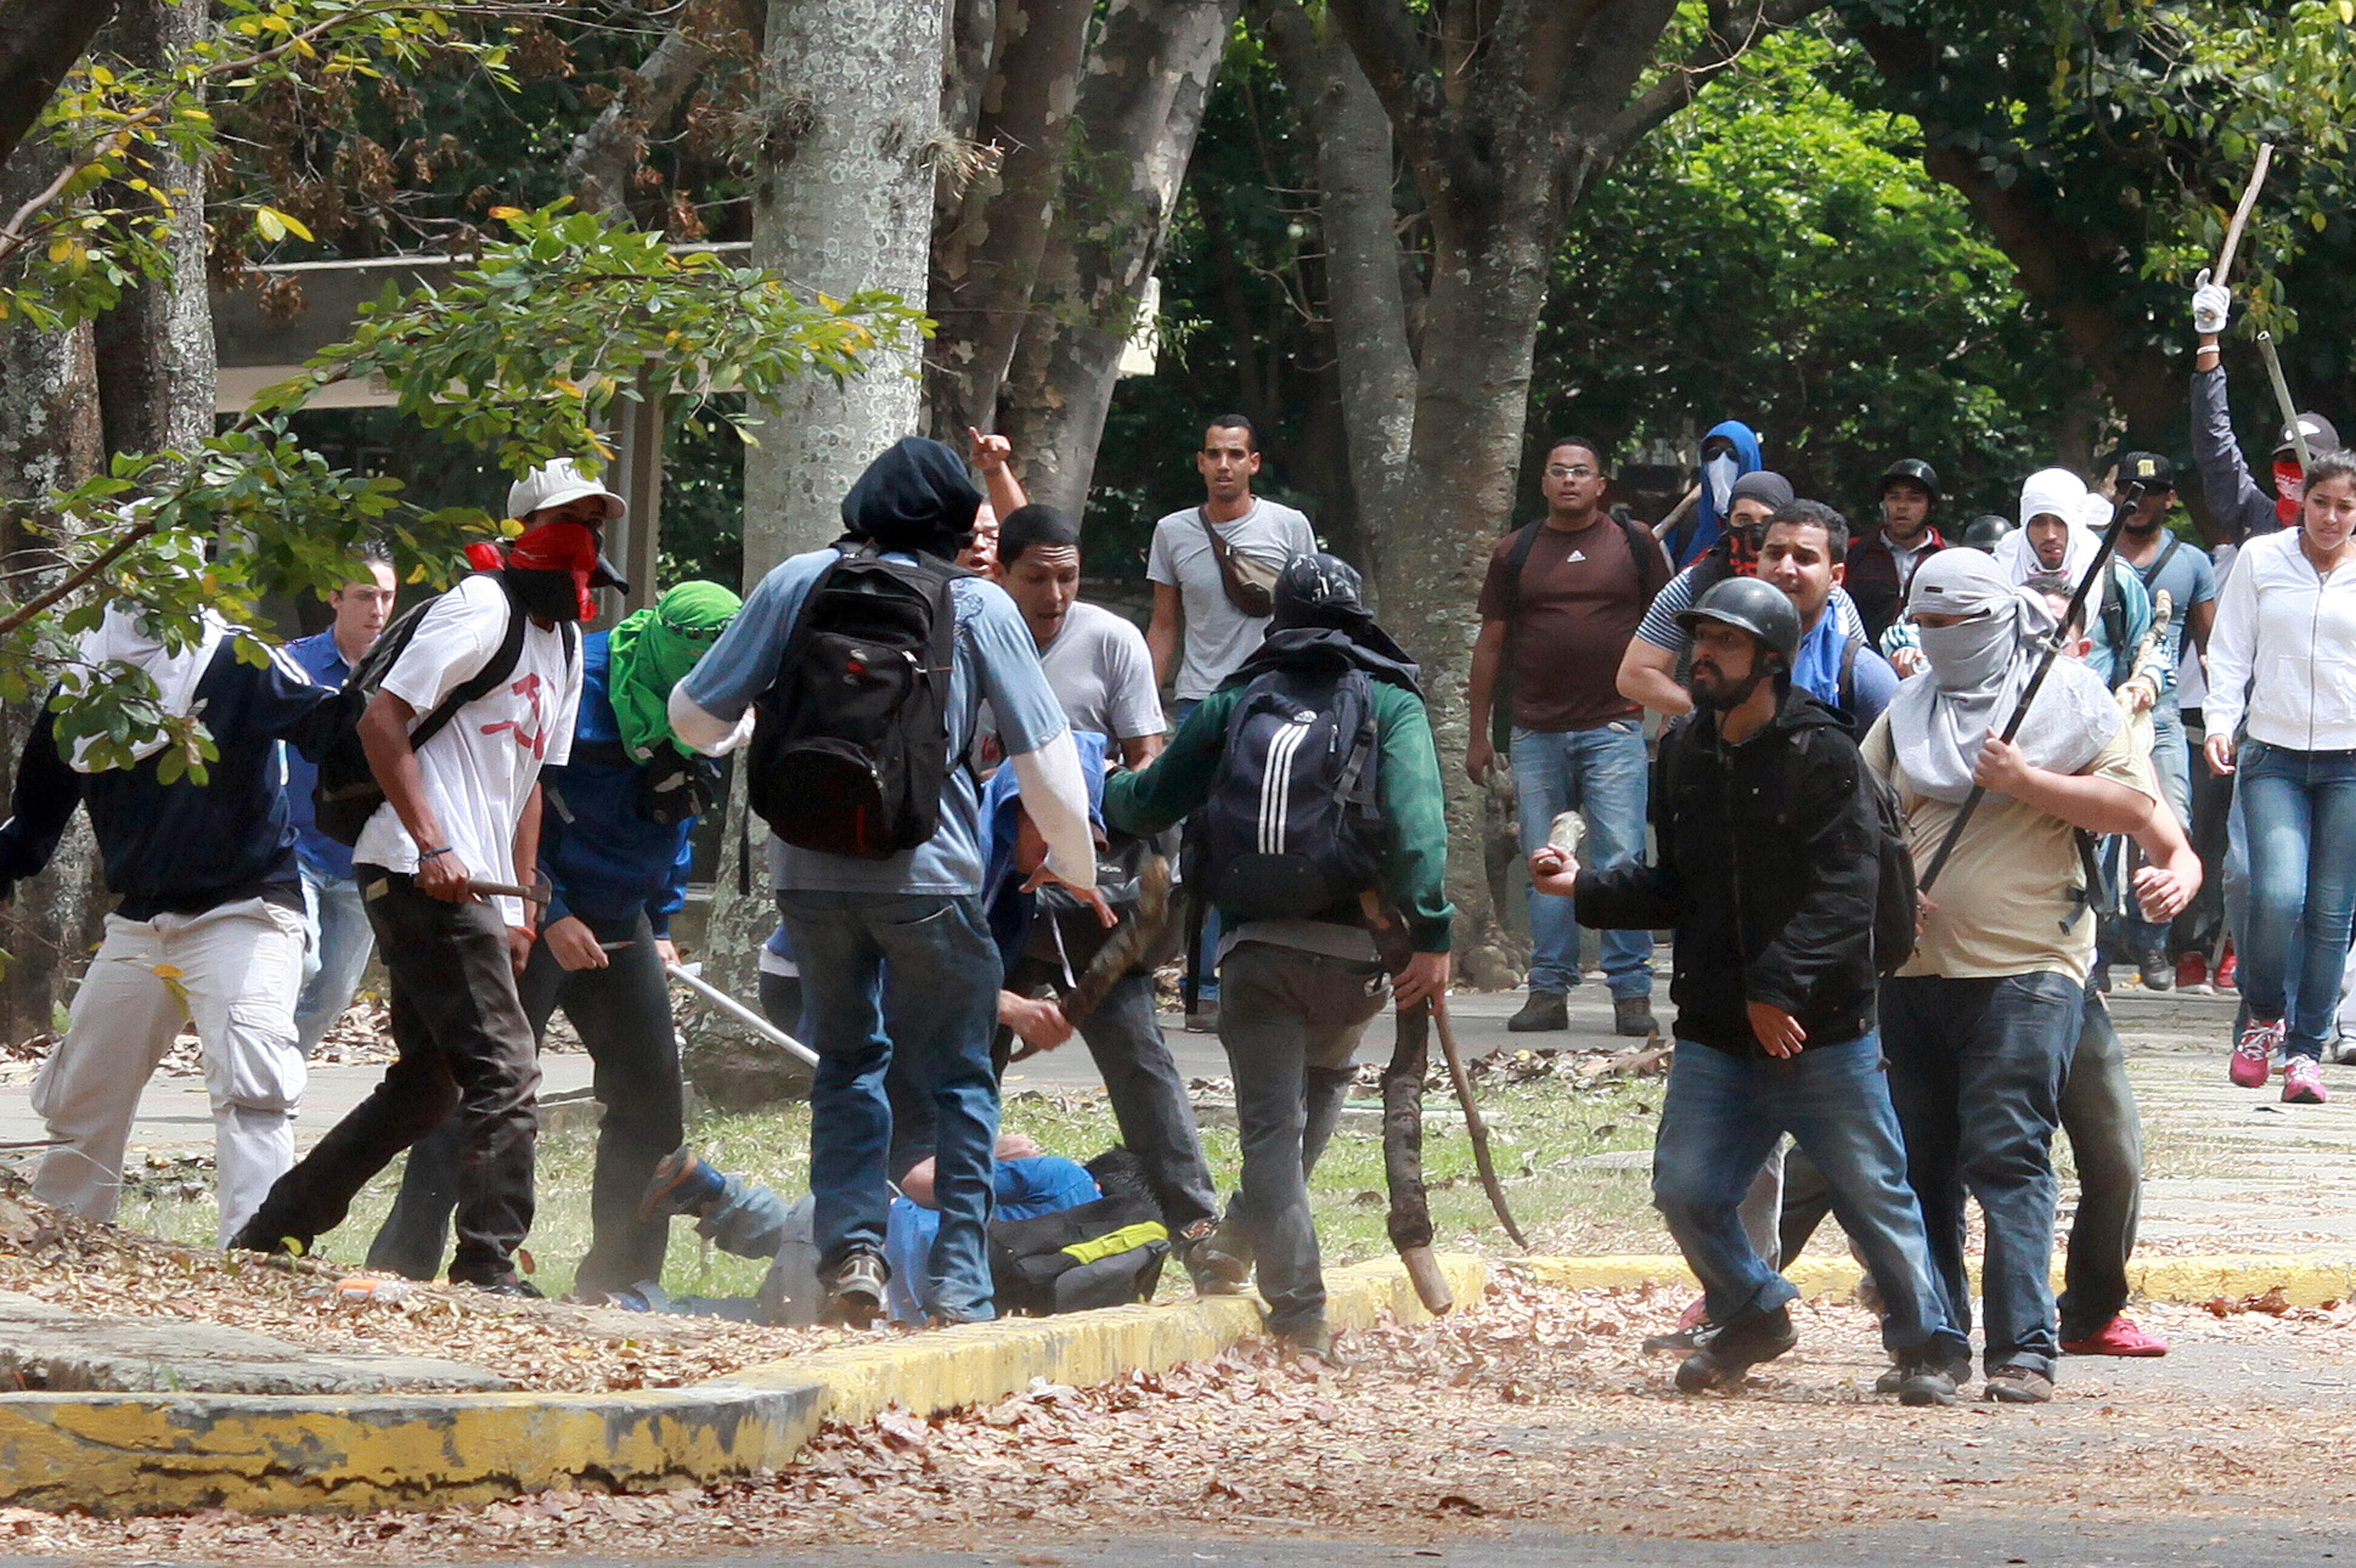 Miembros de un colectivo pro Maduro golpeando a un estudiante que protestaba contra el gobierno en 2014 | Federico Parra | Agence France-Presse